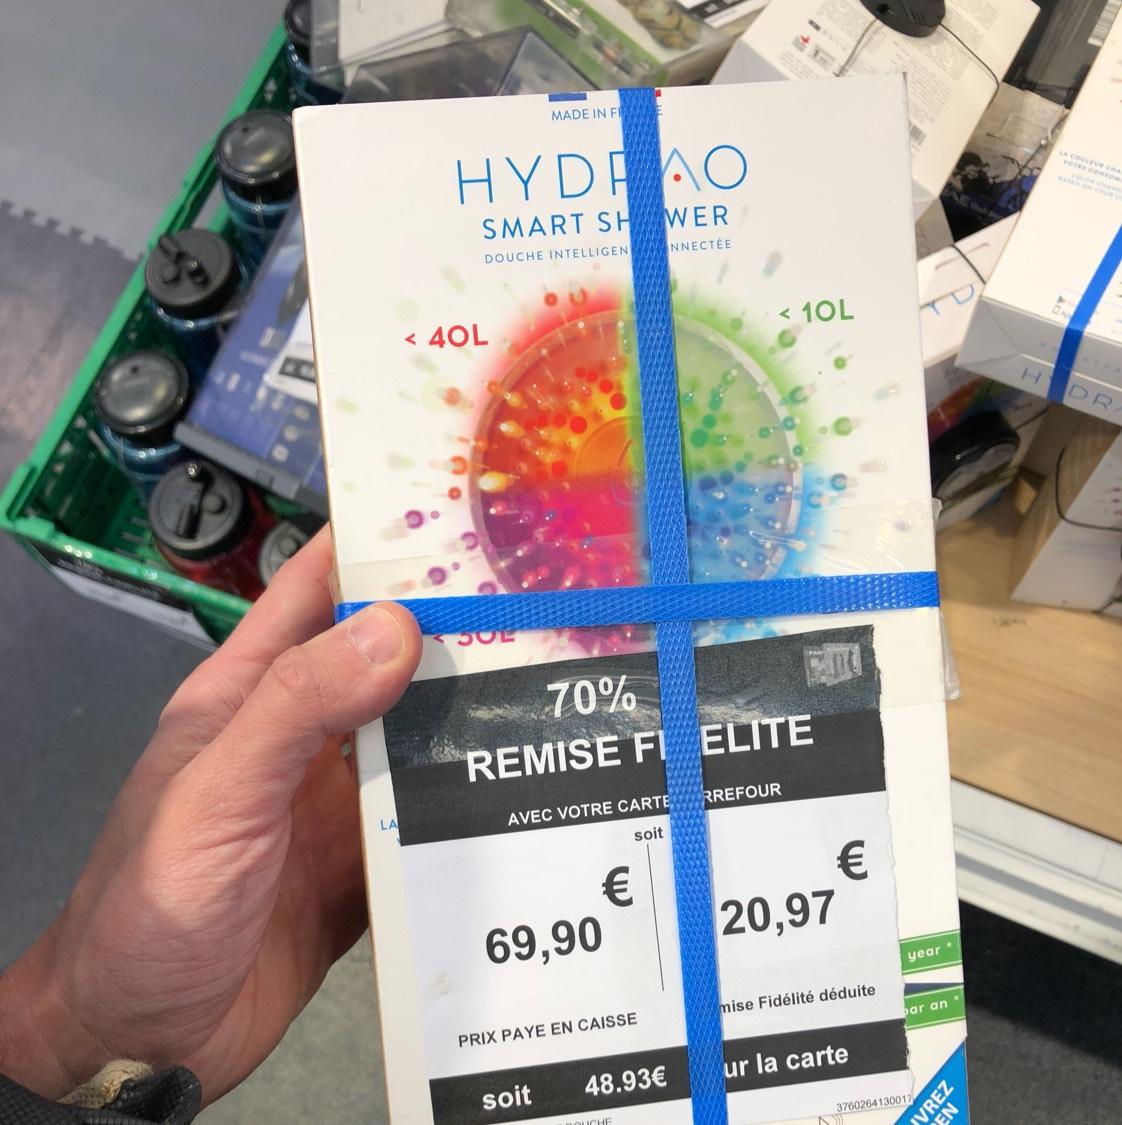 Pommeau de douche connecté Hydrao Smart Shower (via 48.93€ sur la carte de fidélité) au Carrefour Aix-en-Provence (13)